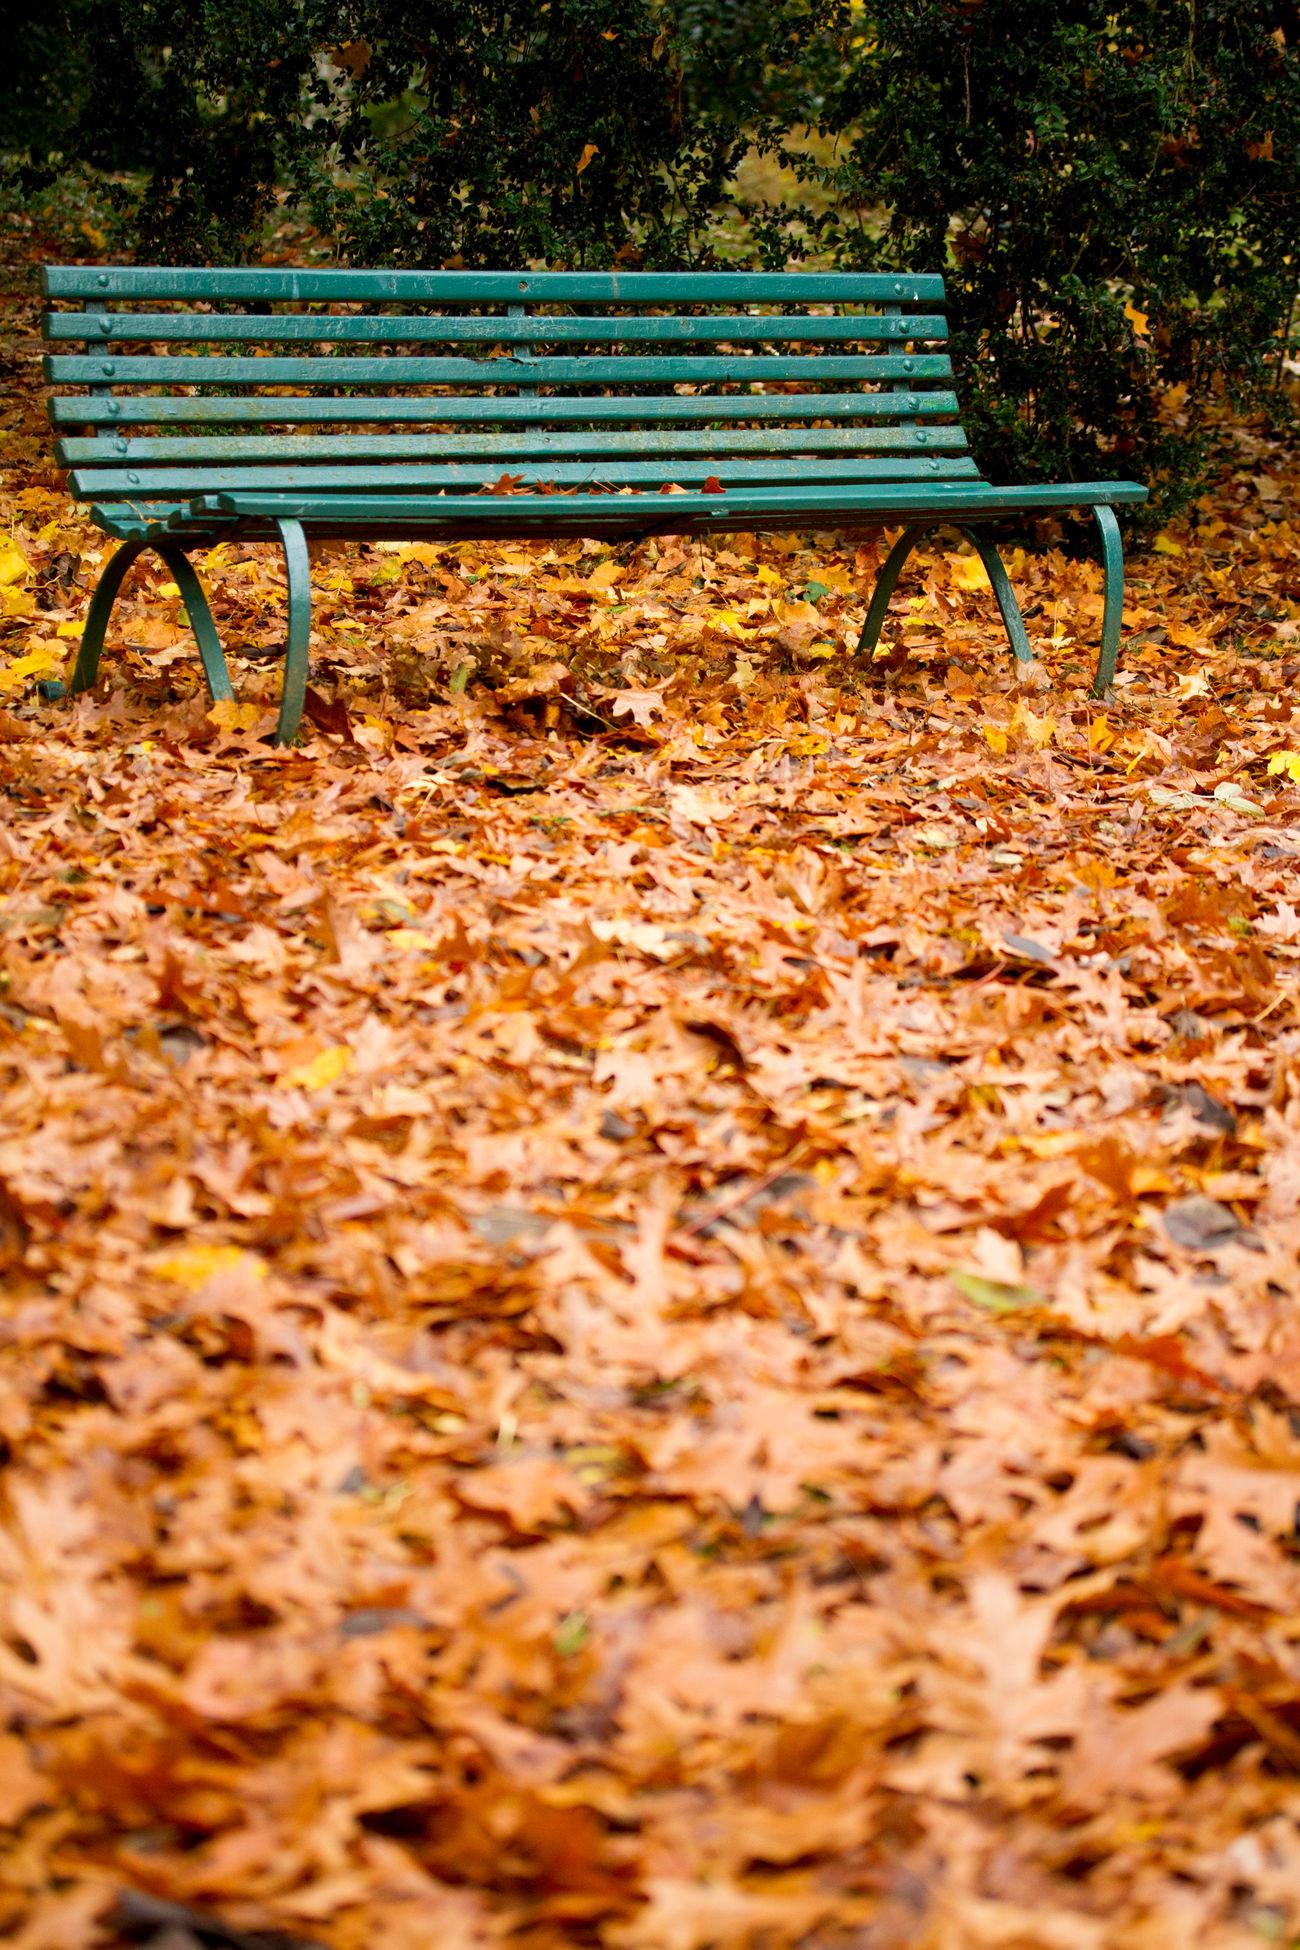 Autumn Autumn Colors Autumn Leaves Bench Golden Green Park